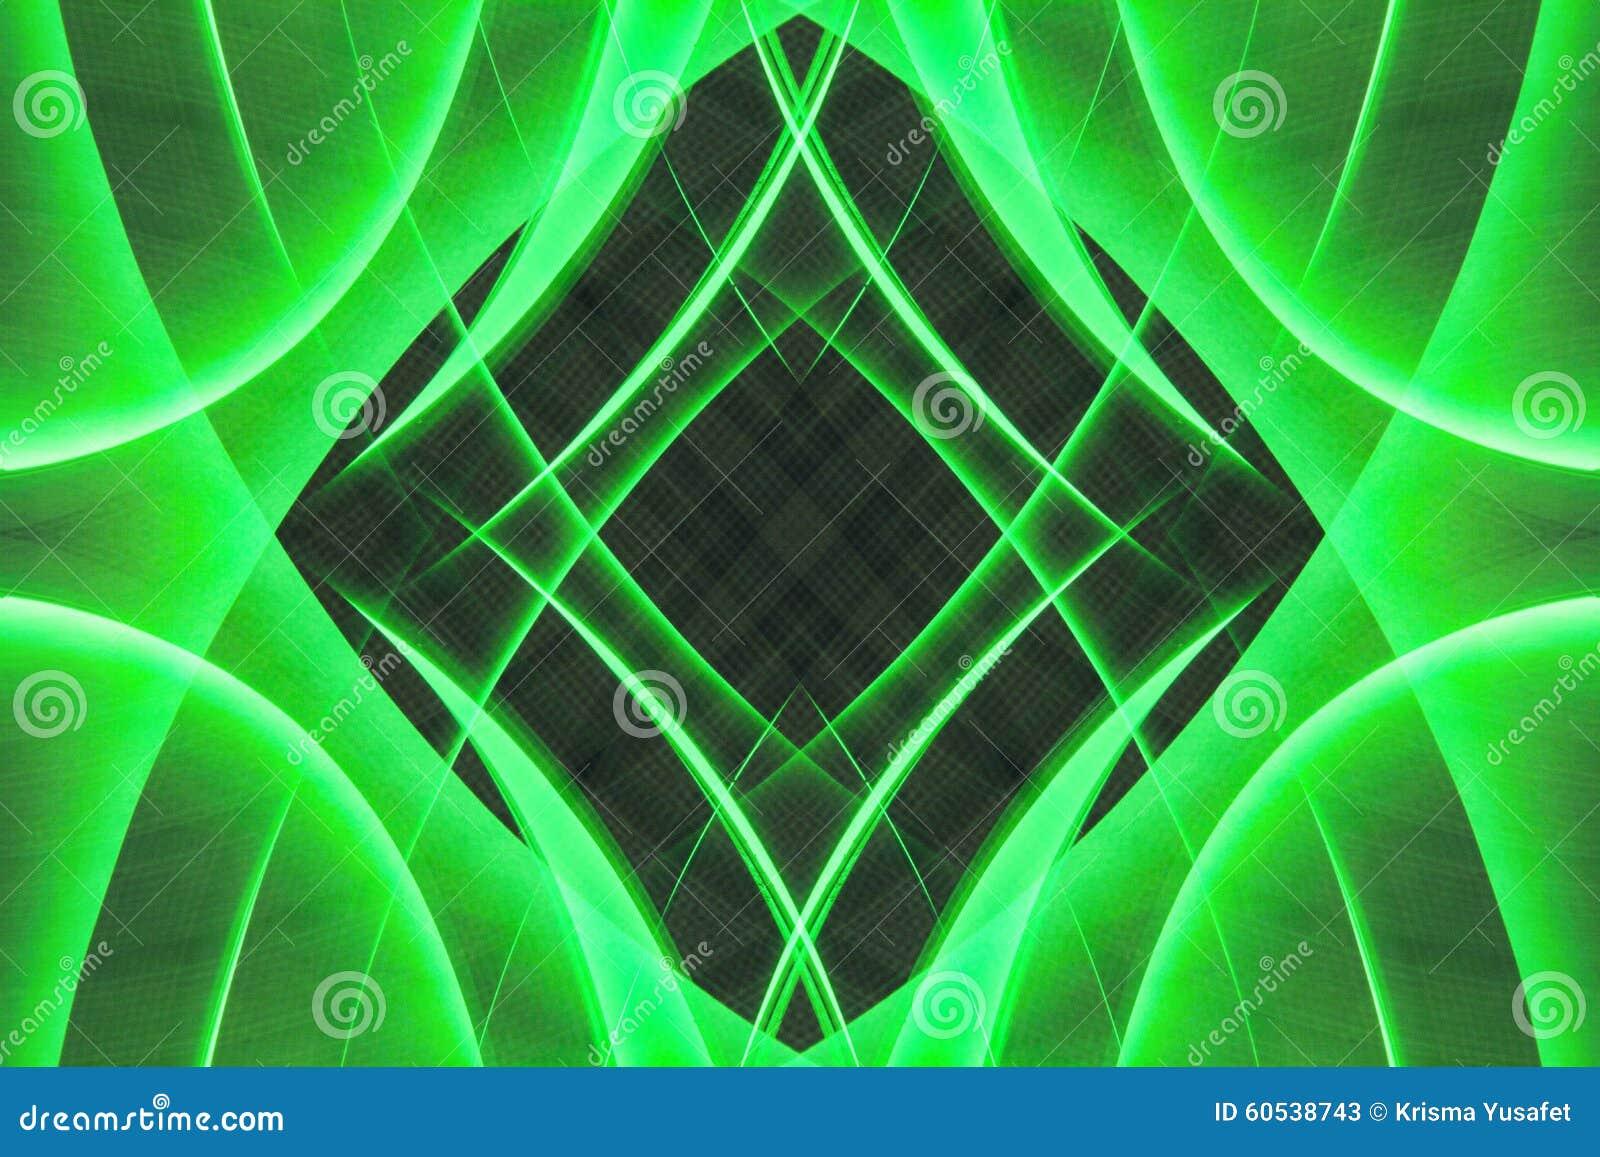 Streszczenie kształty zielone